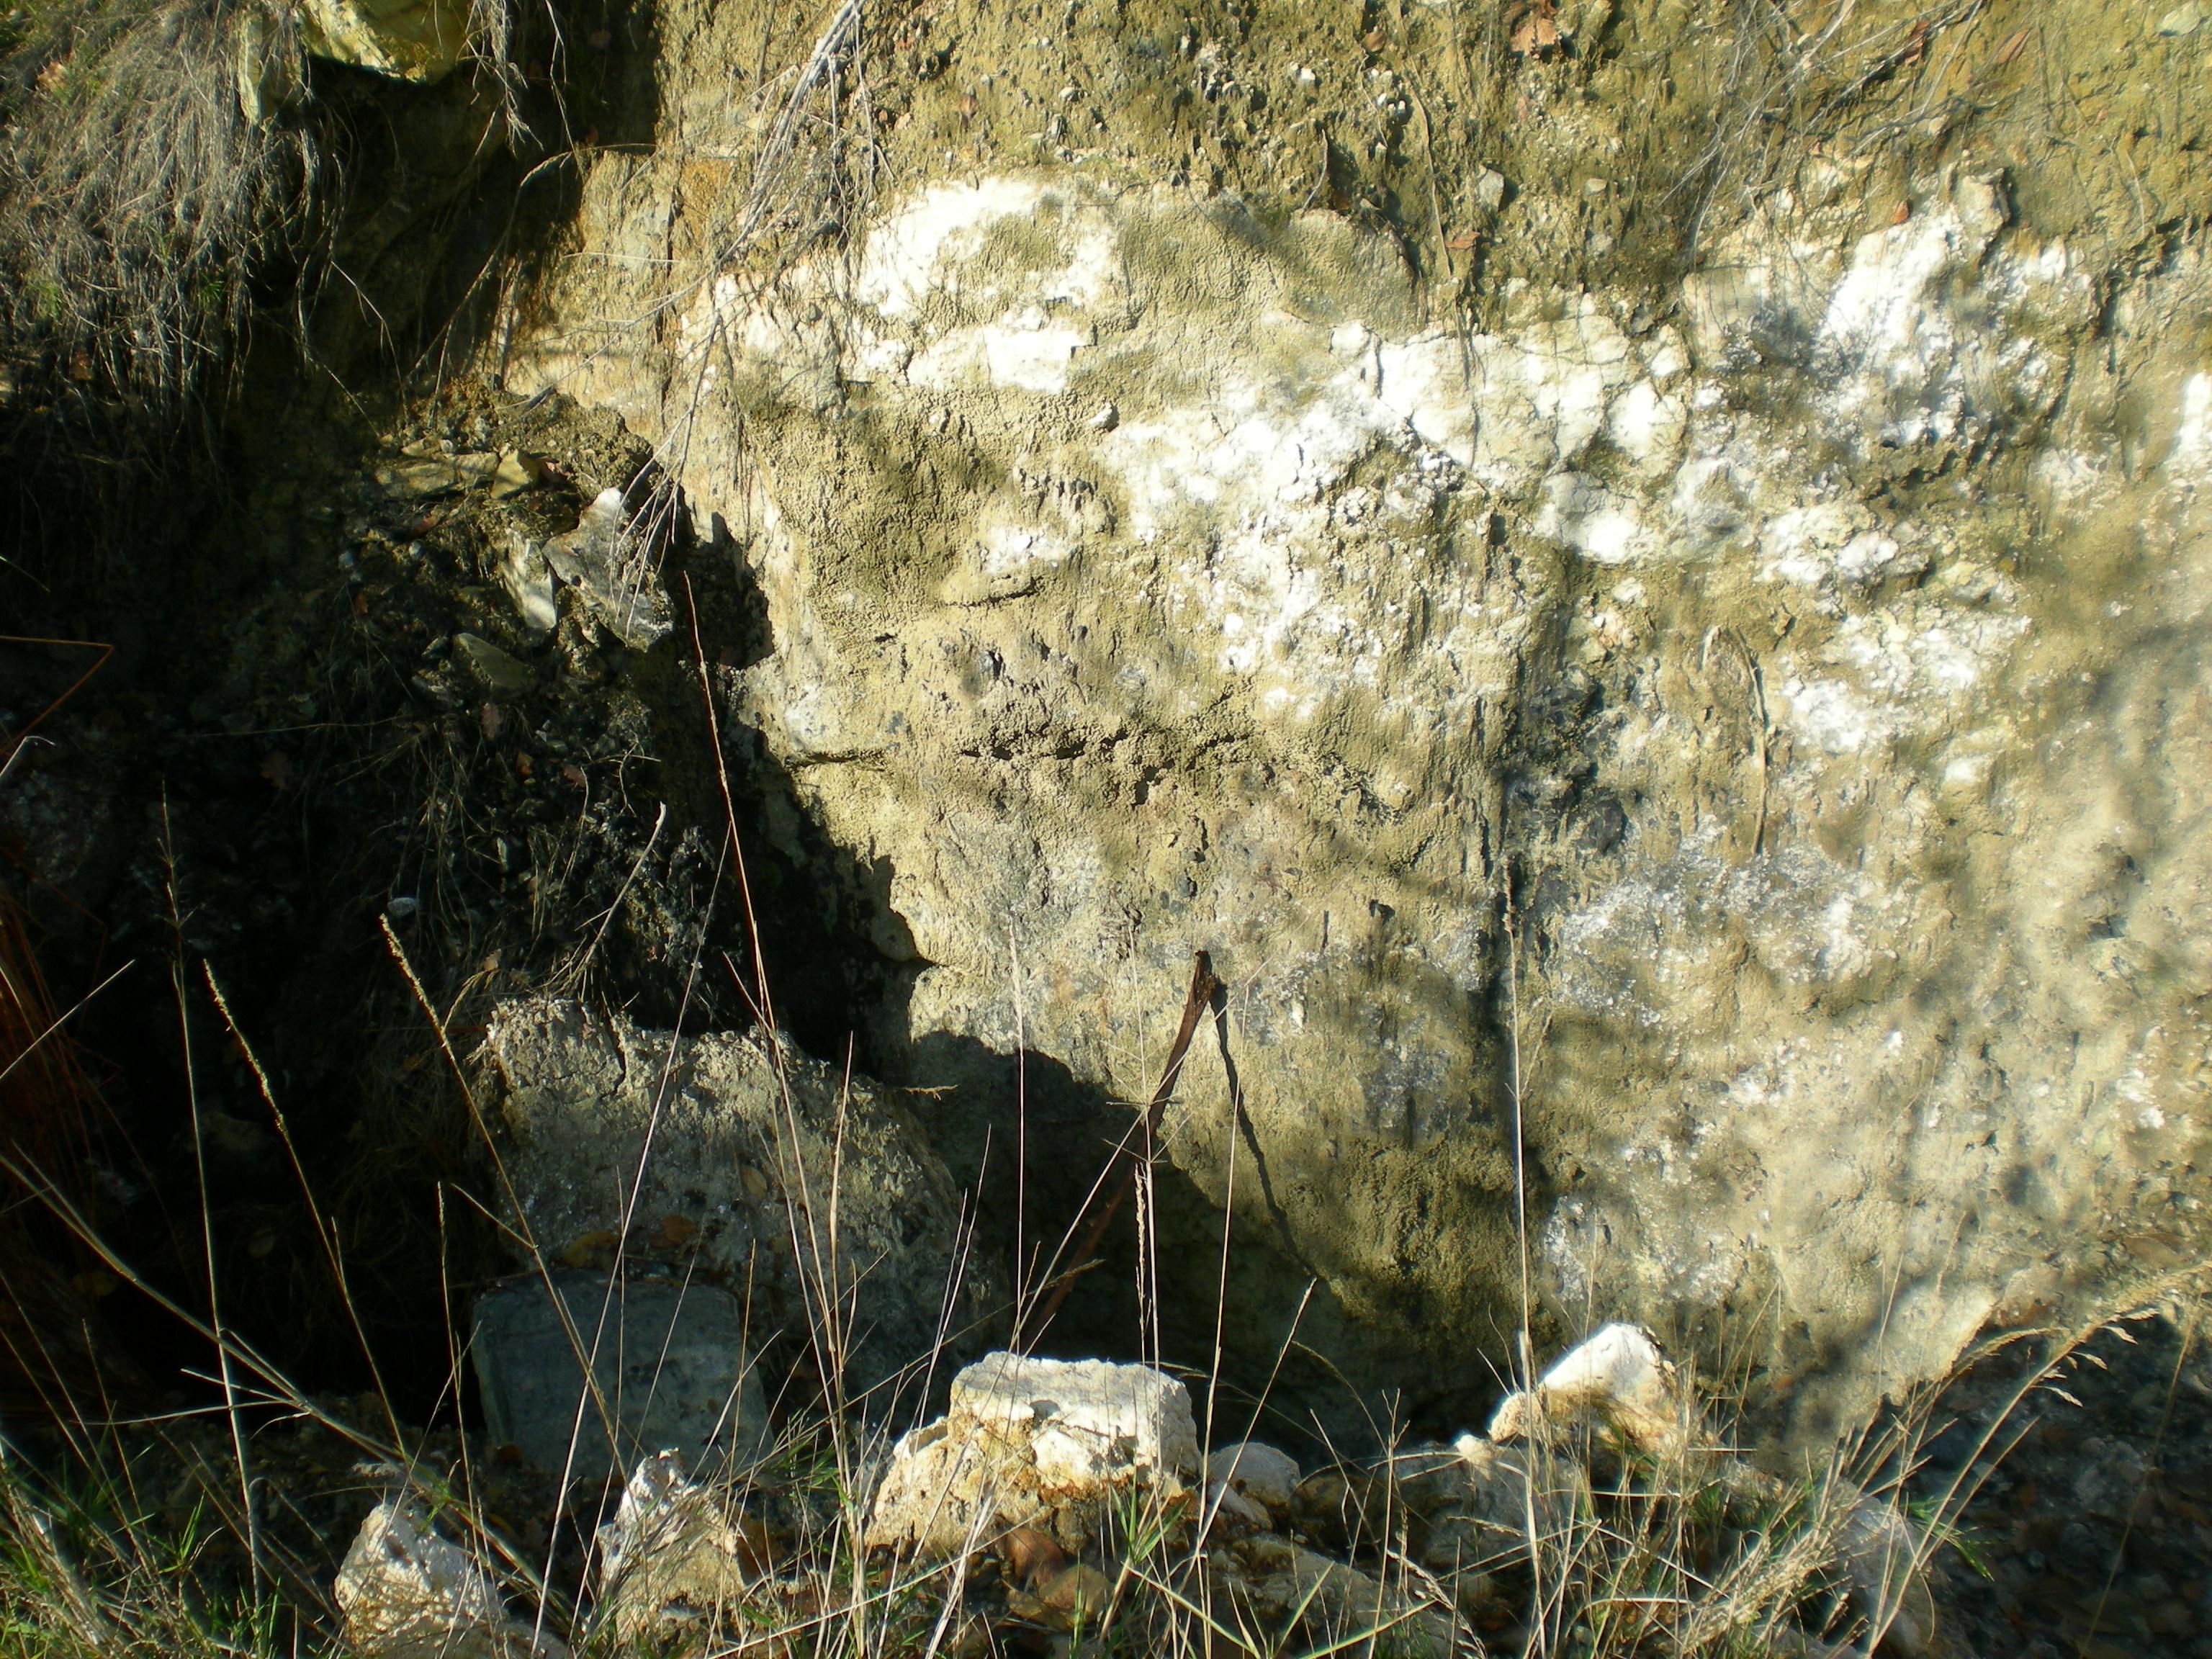 Mofeta sulla provinciale per oliveto (lato sinistro)